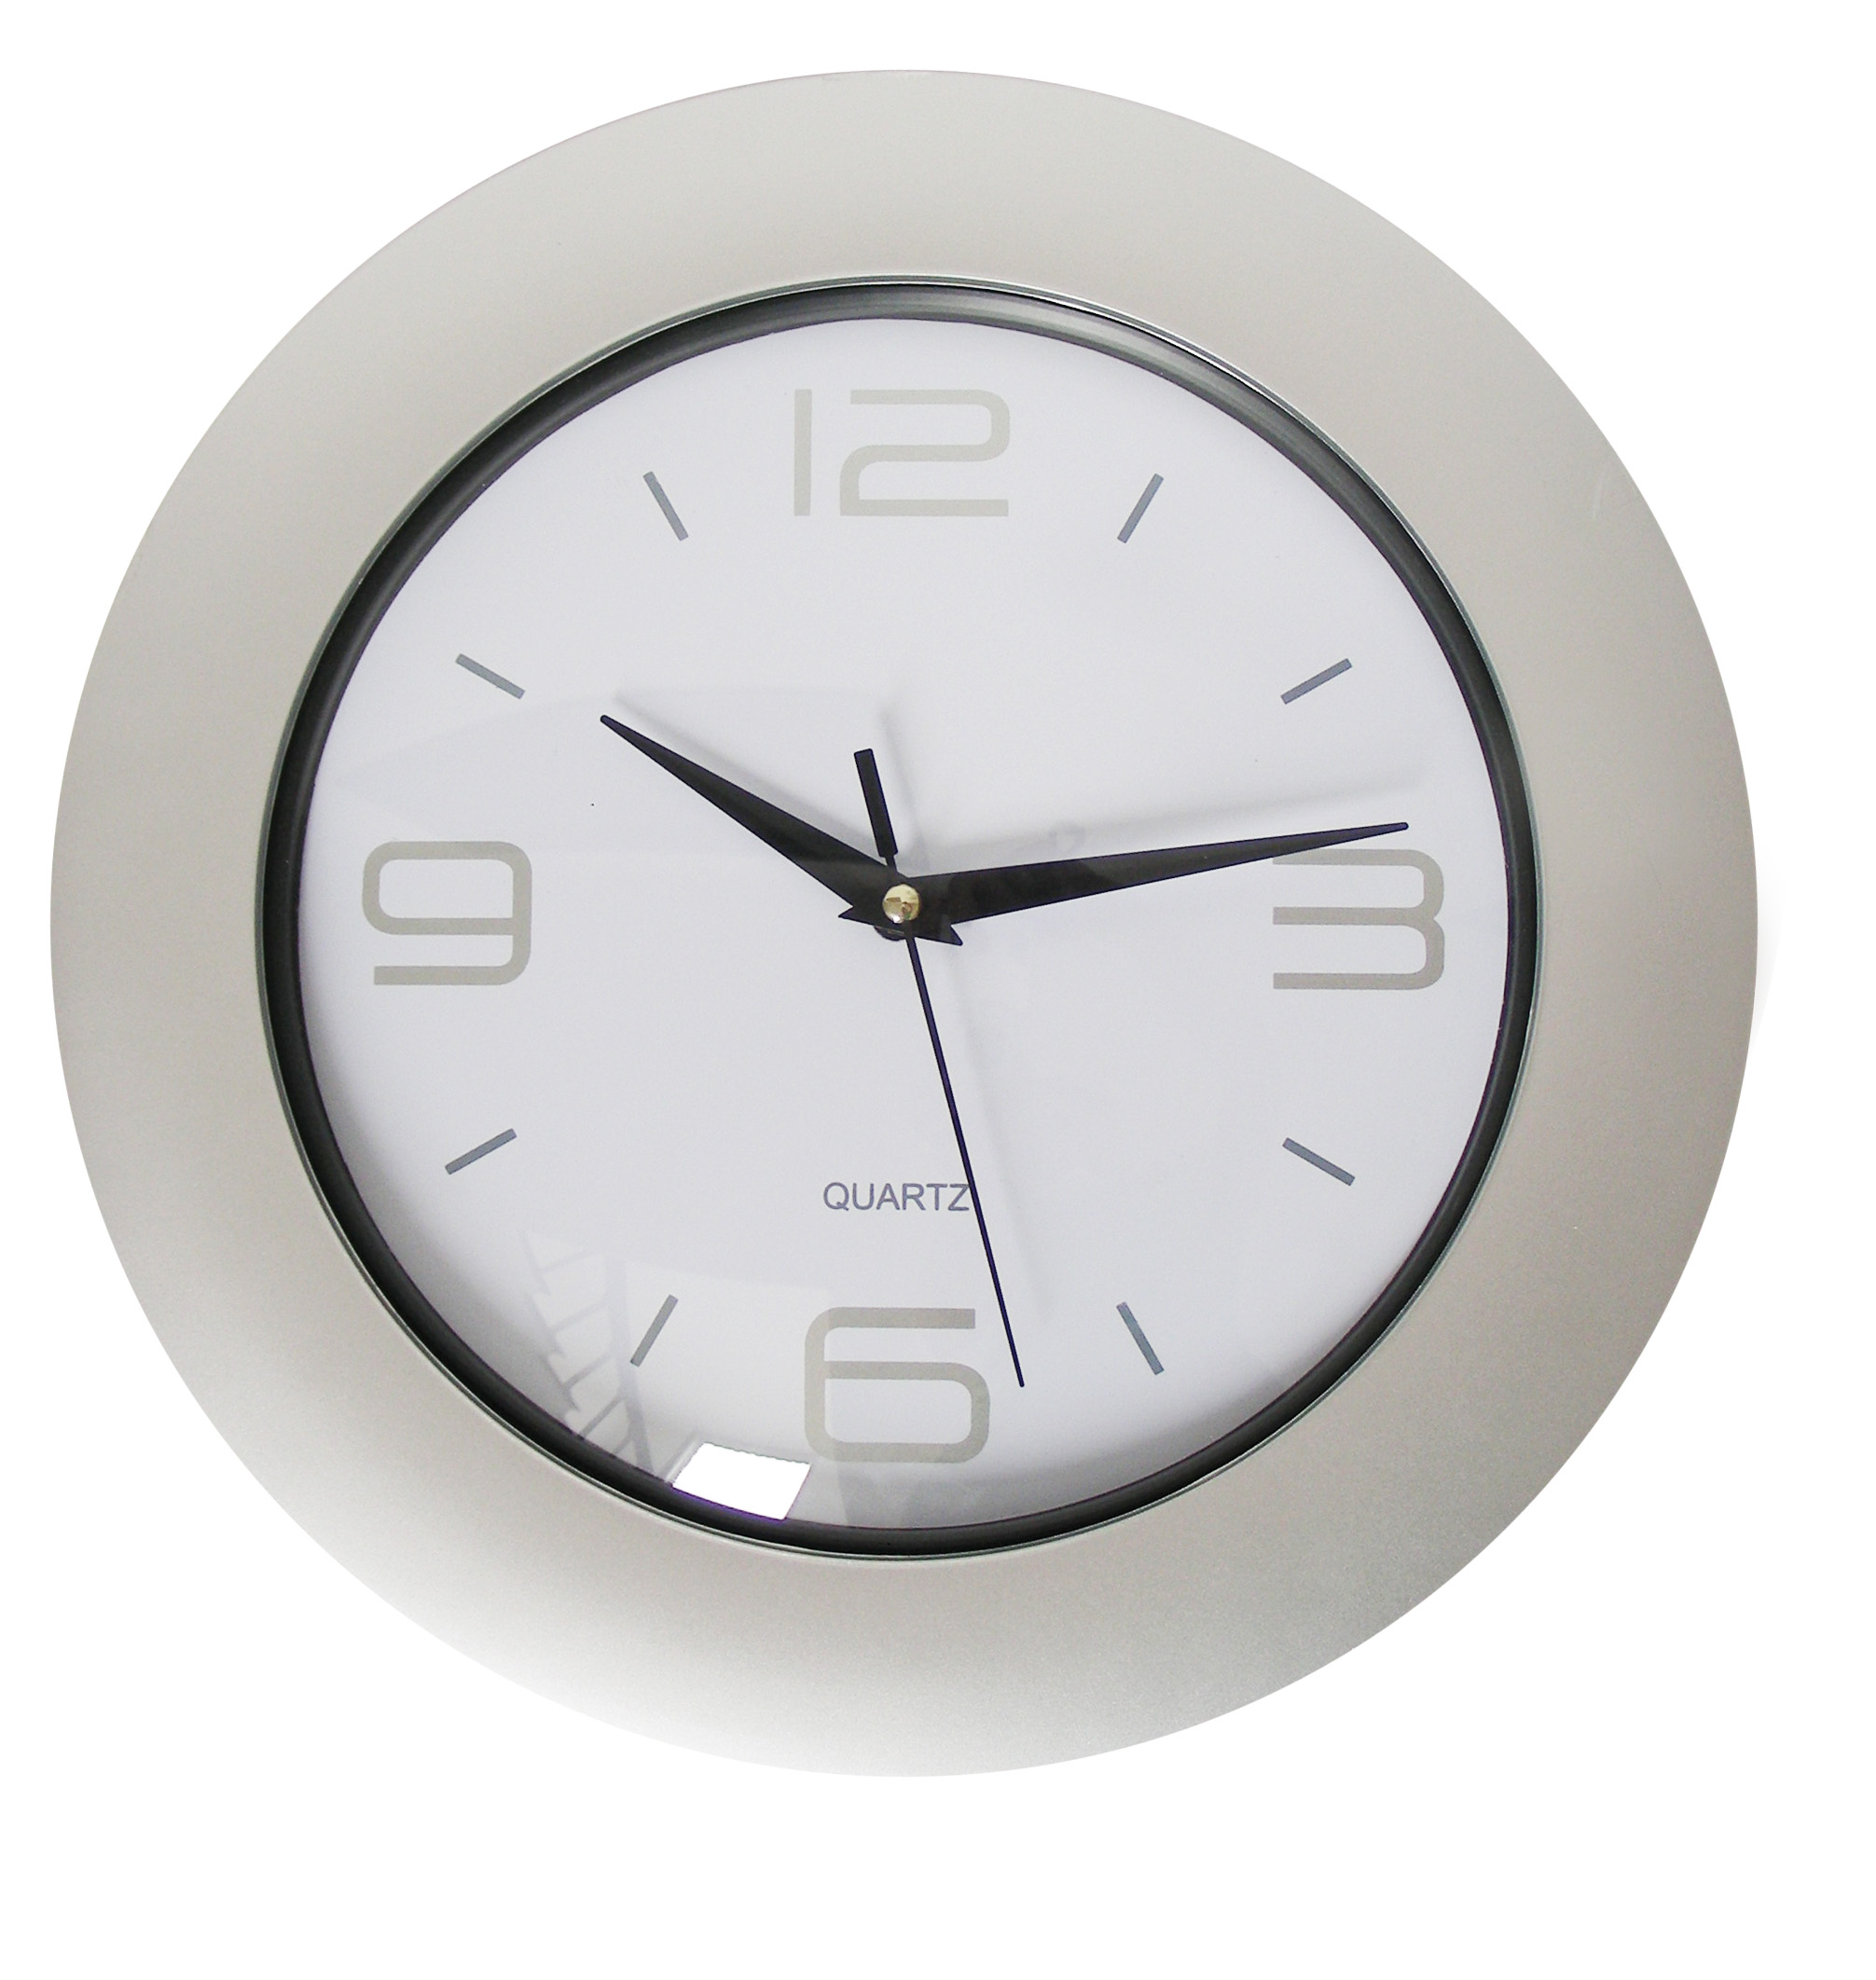 Reloj de pared kaichile regalos publicitarios - Relojes rusticos de pared ...